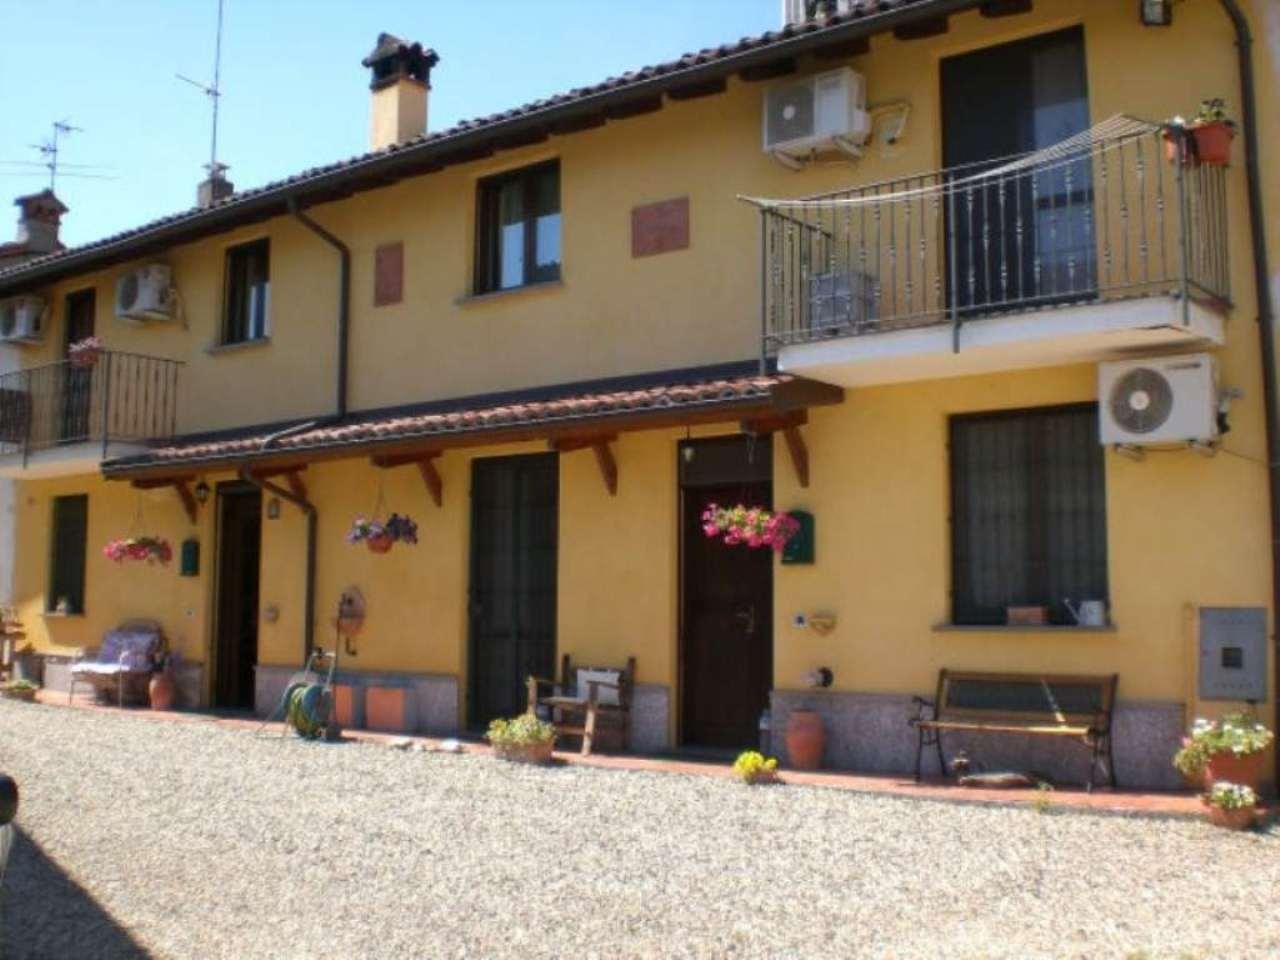 Soluzione Indipendente in vendita a Dorno, 8 locali, prezzo € 169.000 | Cambio Casa.it